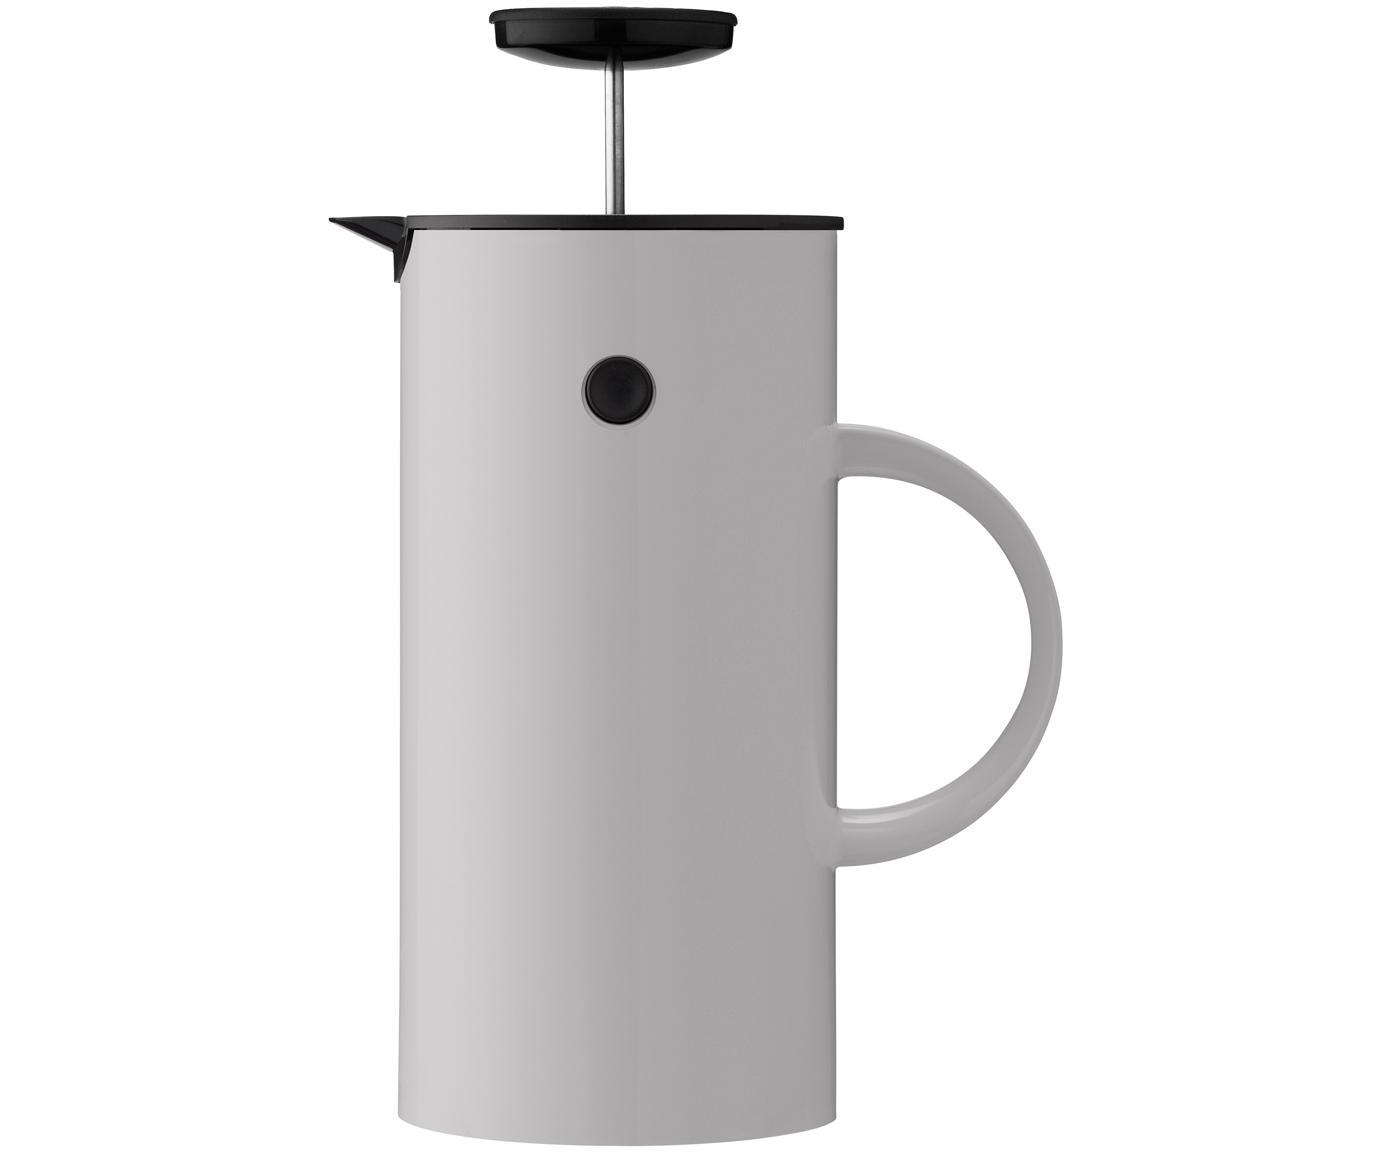 Zaparzacz do herbaty EM, Jasny szary, 1 l